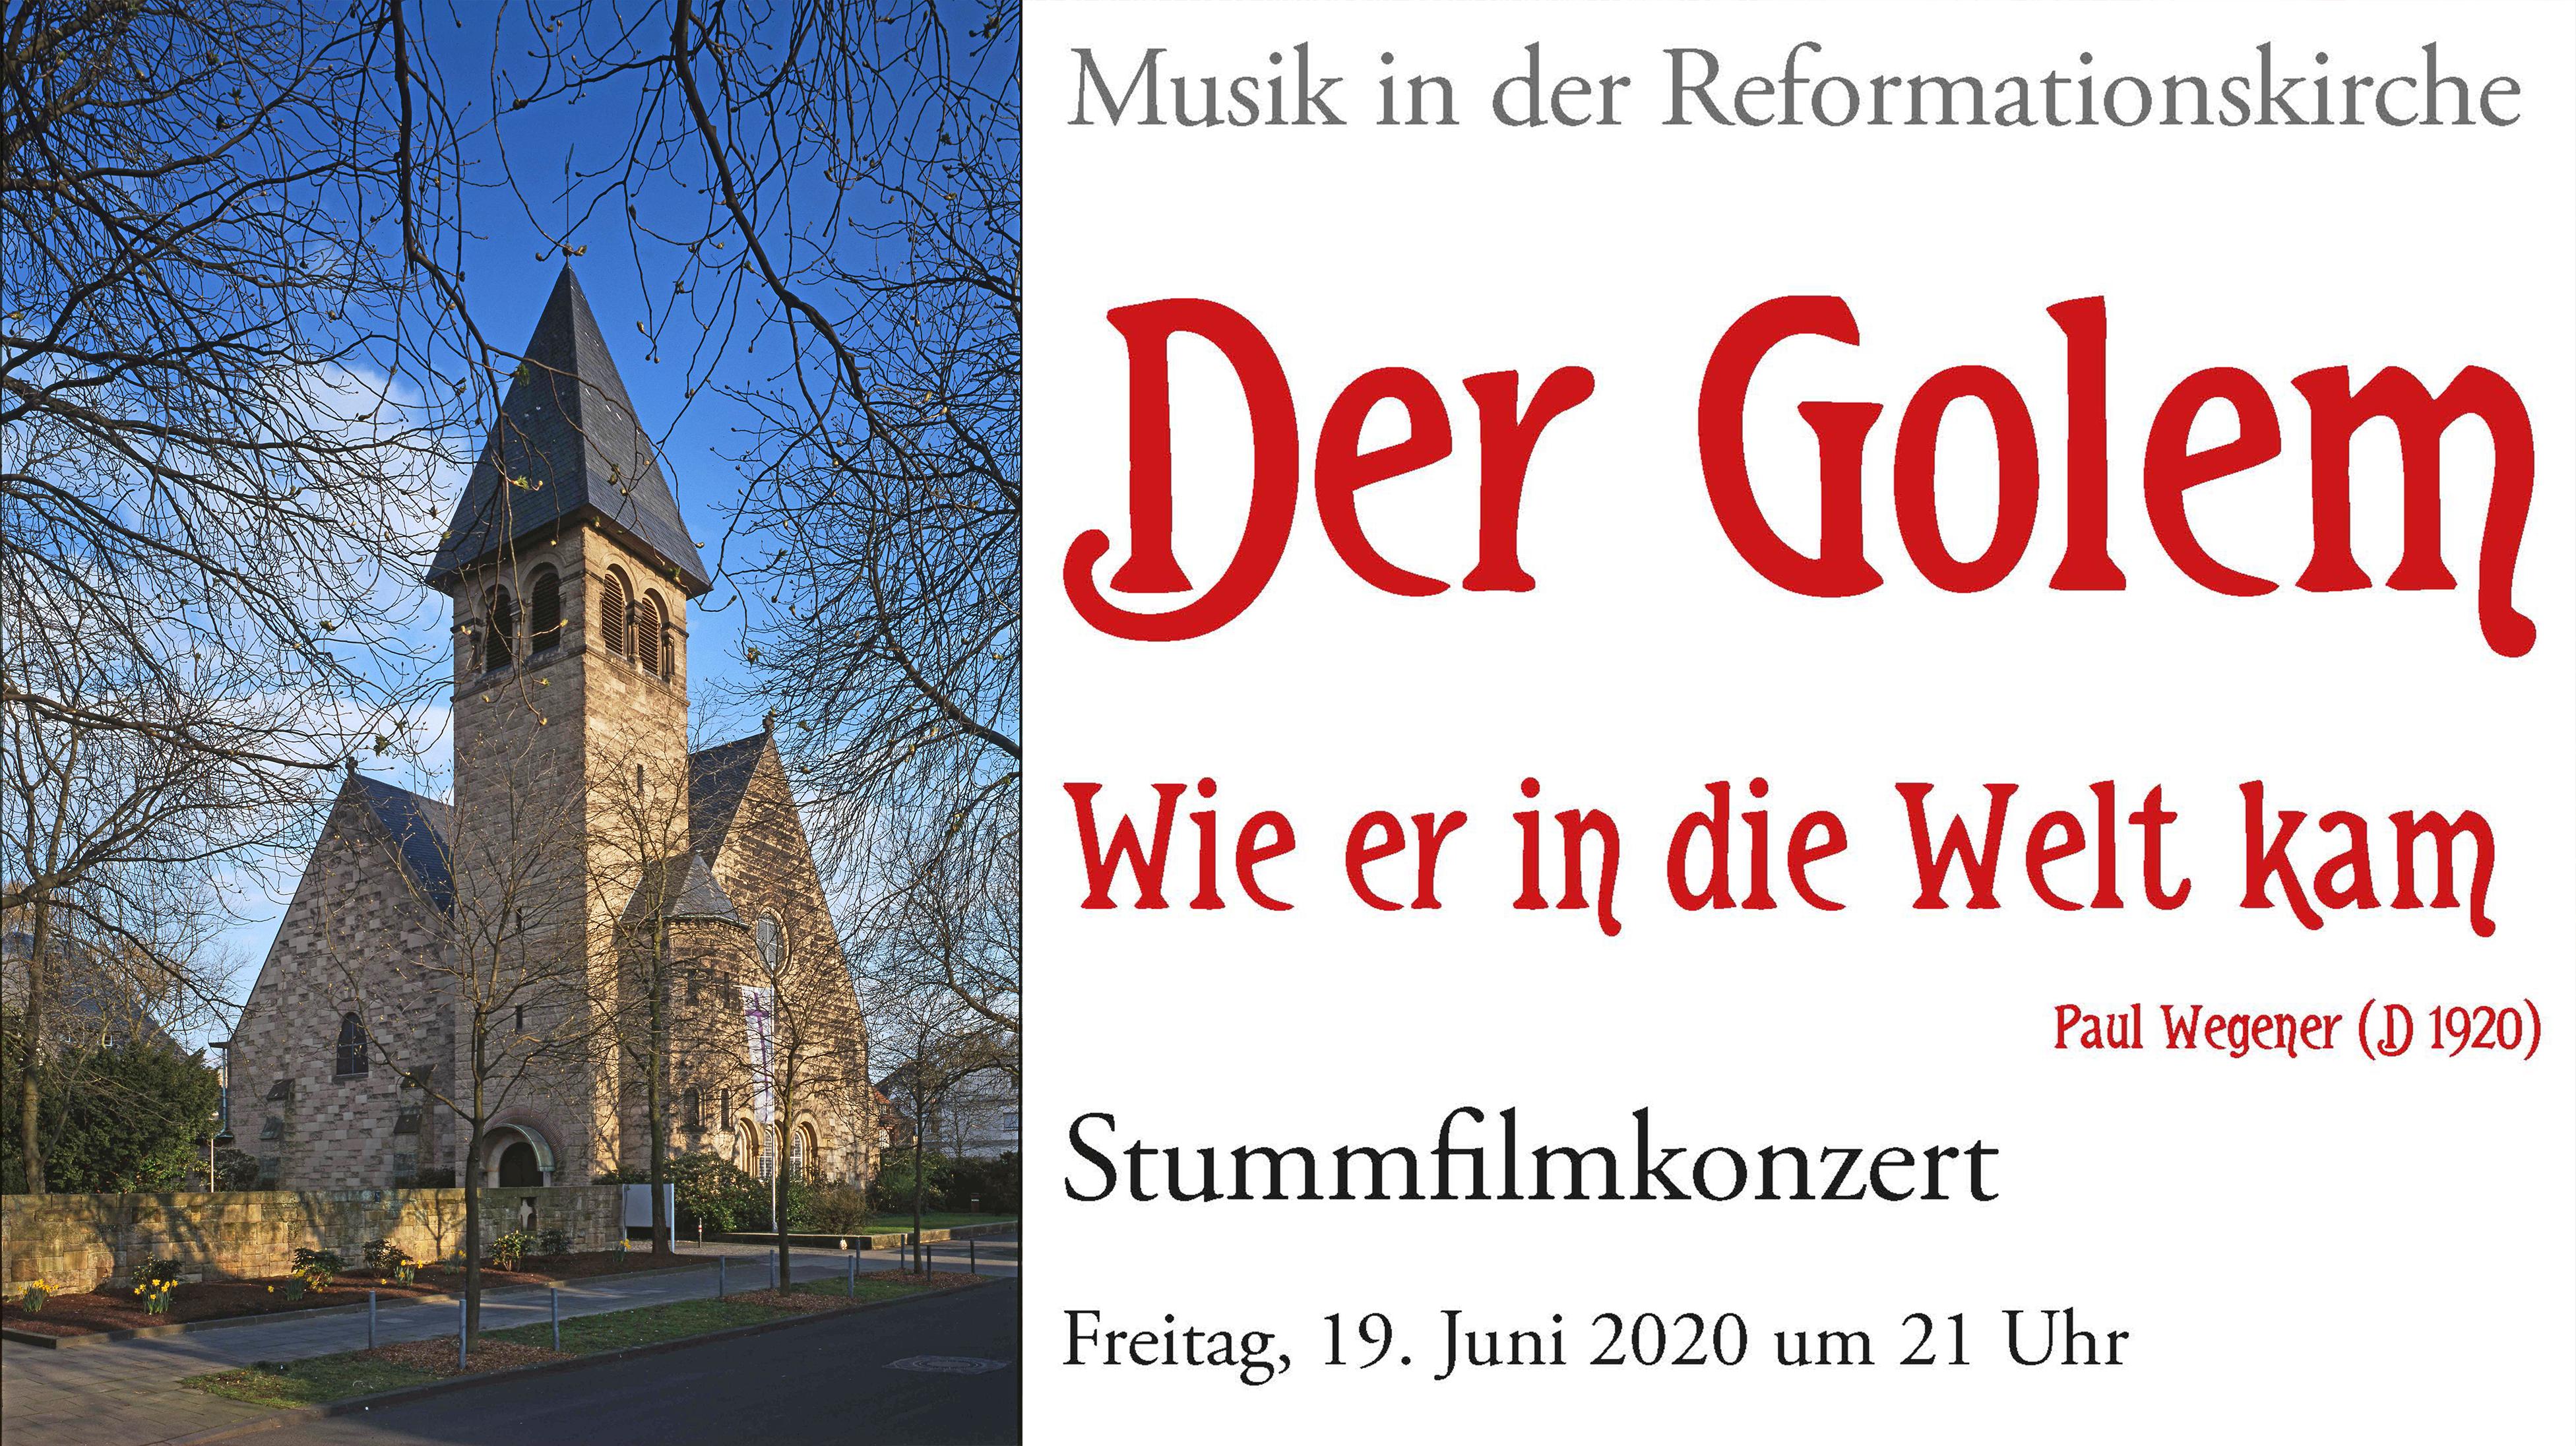 Der Golem. Wie er in die Welt kam –  Stummfilmkonzert am 19. Juni in der Reformationskirche